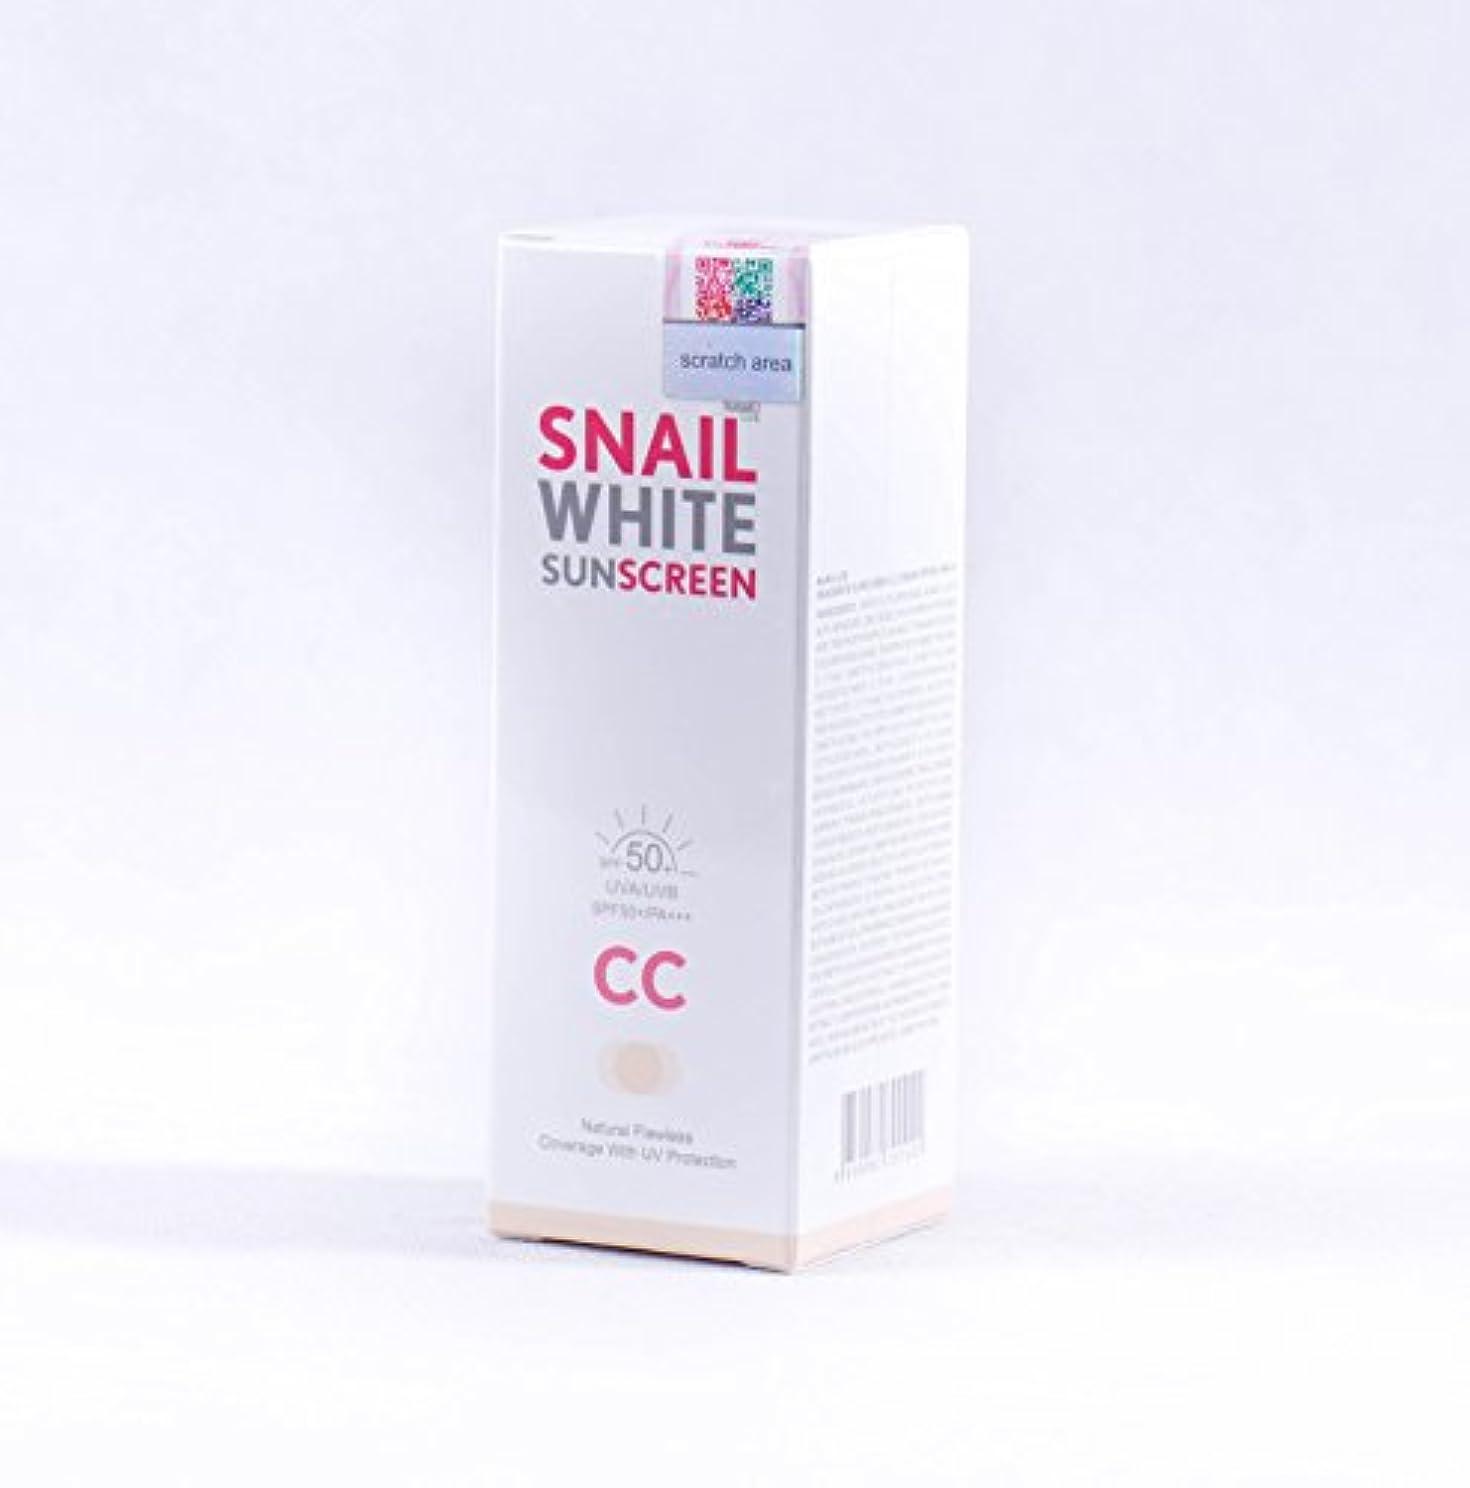 野望創傷直径ナムライフスパイシャンサンクスクリームSPF50 + / PA +++ 50 ml ホワイトニング NAMU LIFE SNAILWHITE SUNSCREEN CC CREAM SPF50 + / PA +++ 50 ml